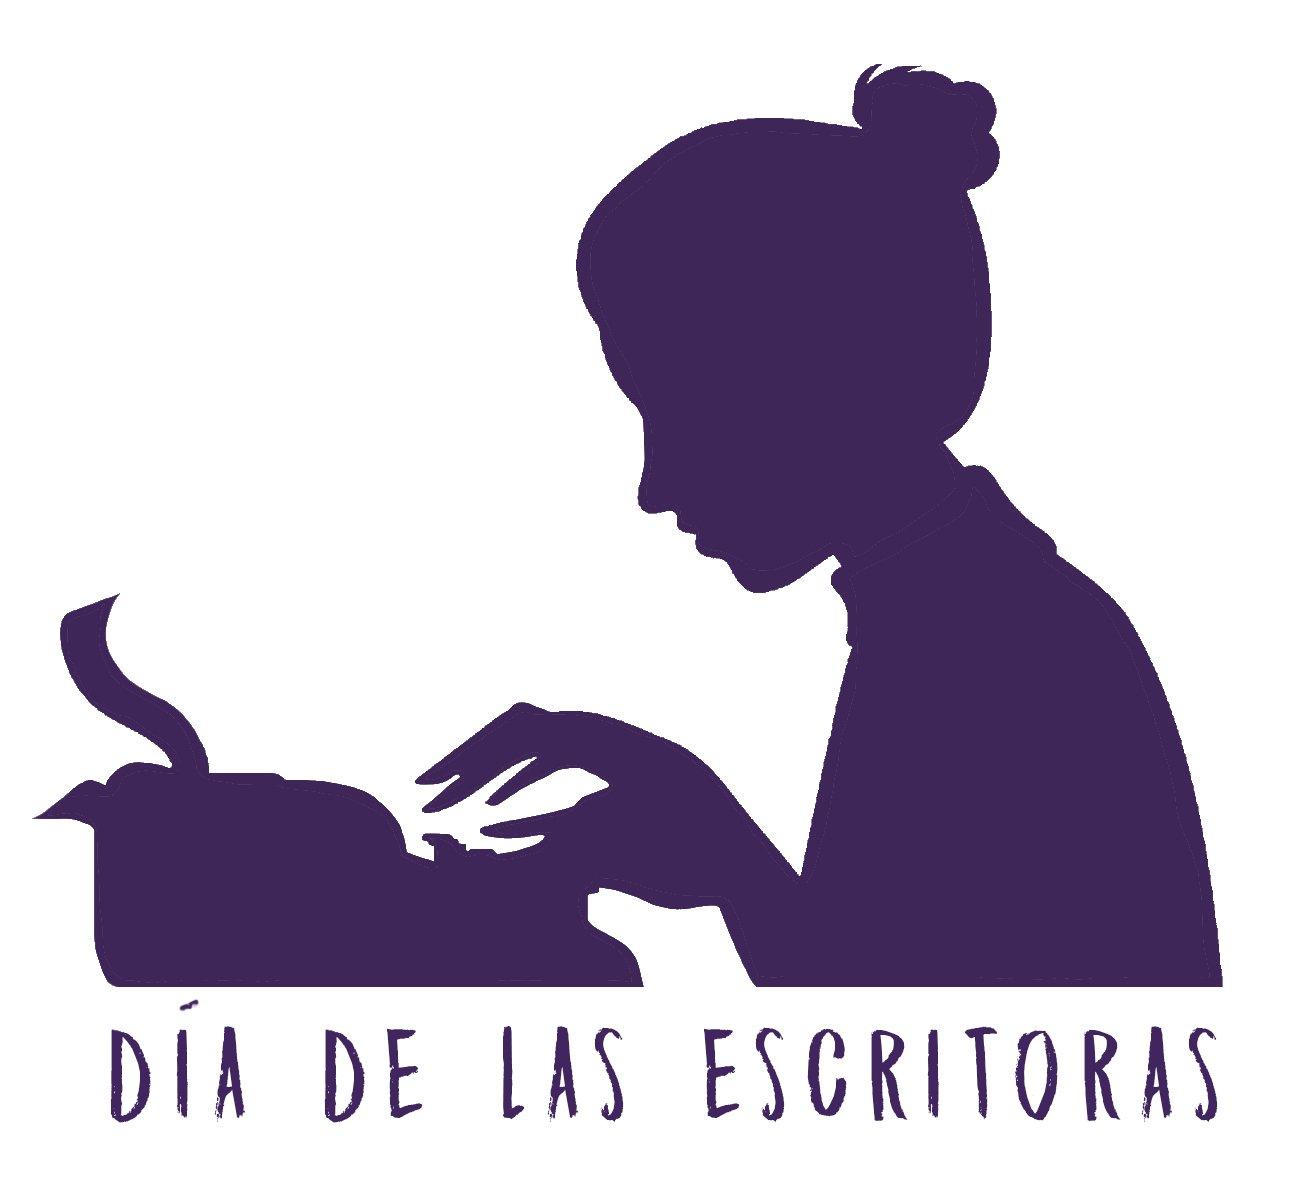 DÍA DE LAS MUJERES ESCRITORAS